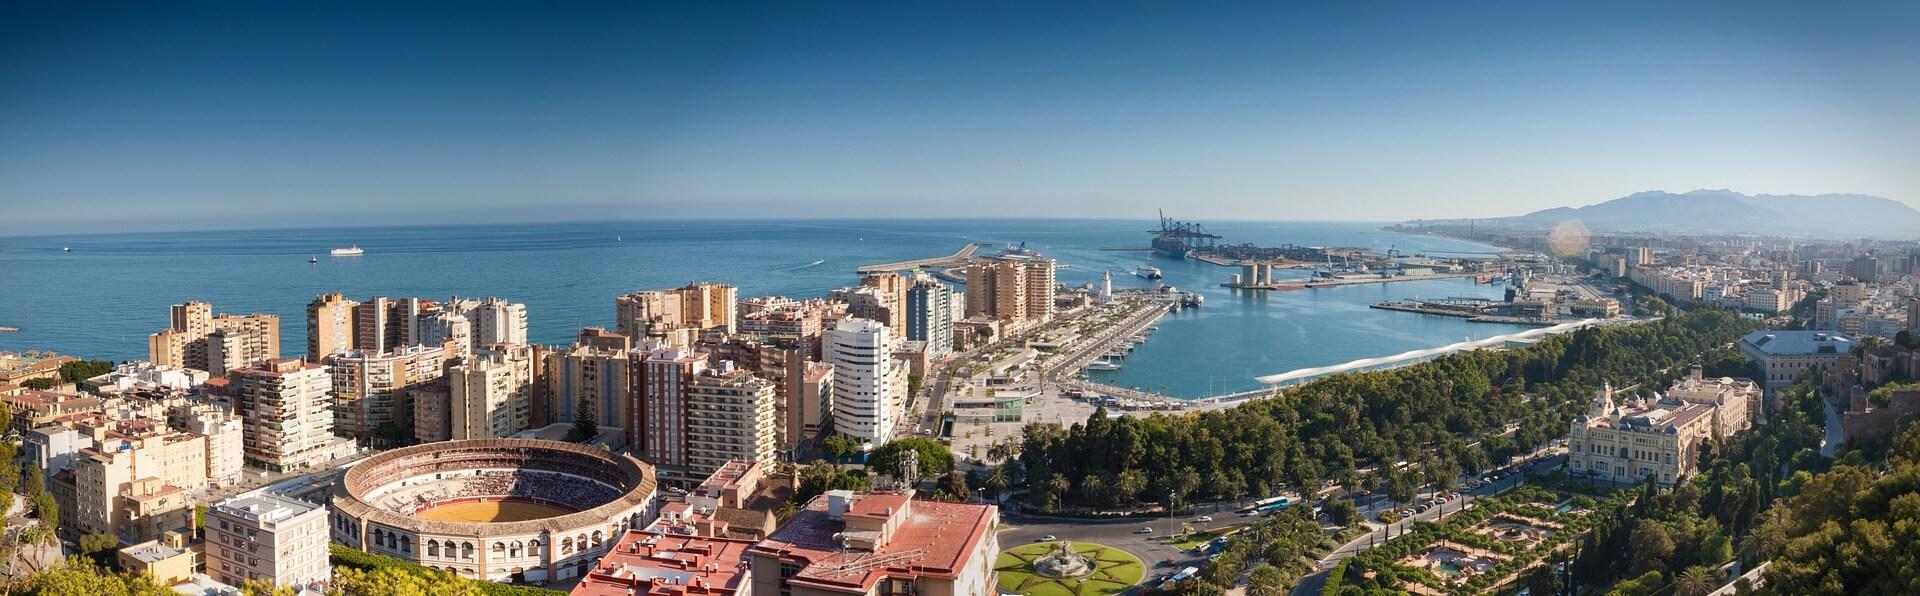 Direktflüge und Billigflüge ab Memmingen nach Málaga